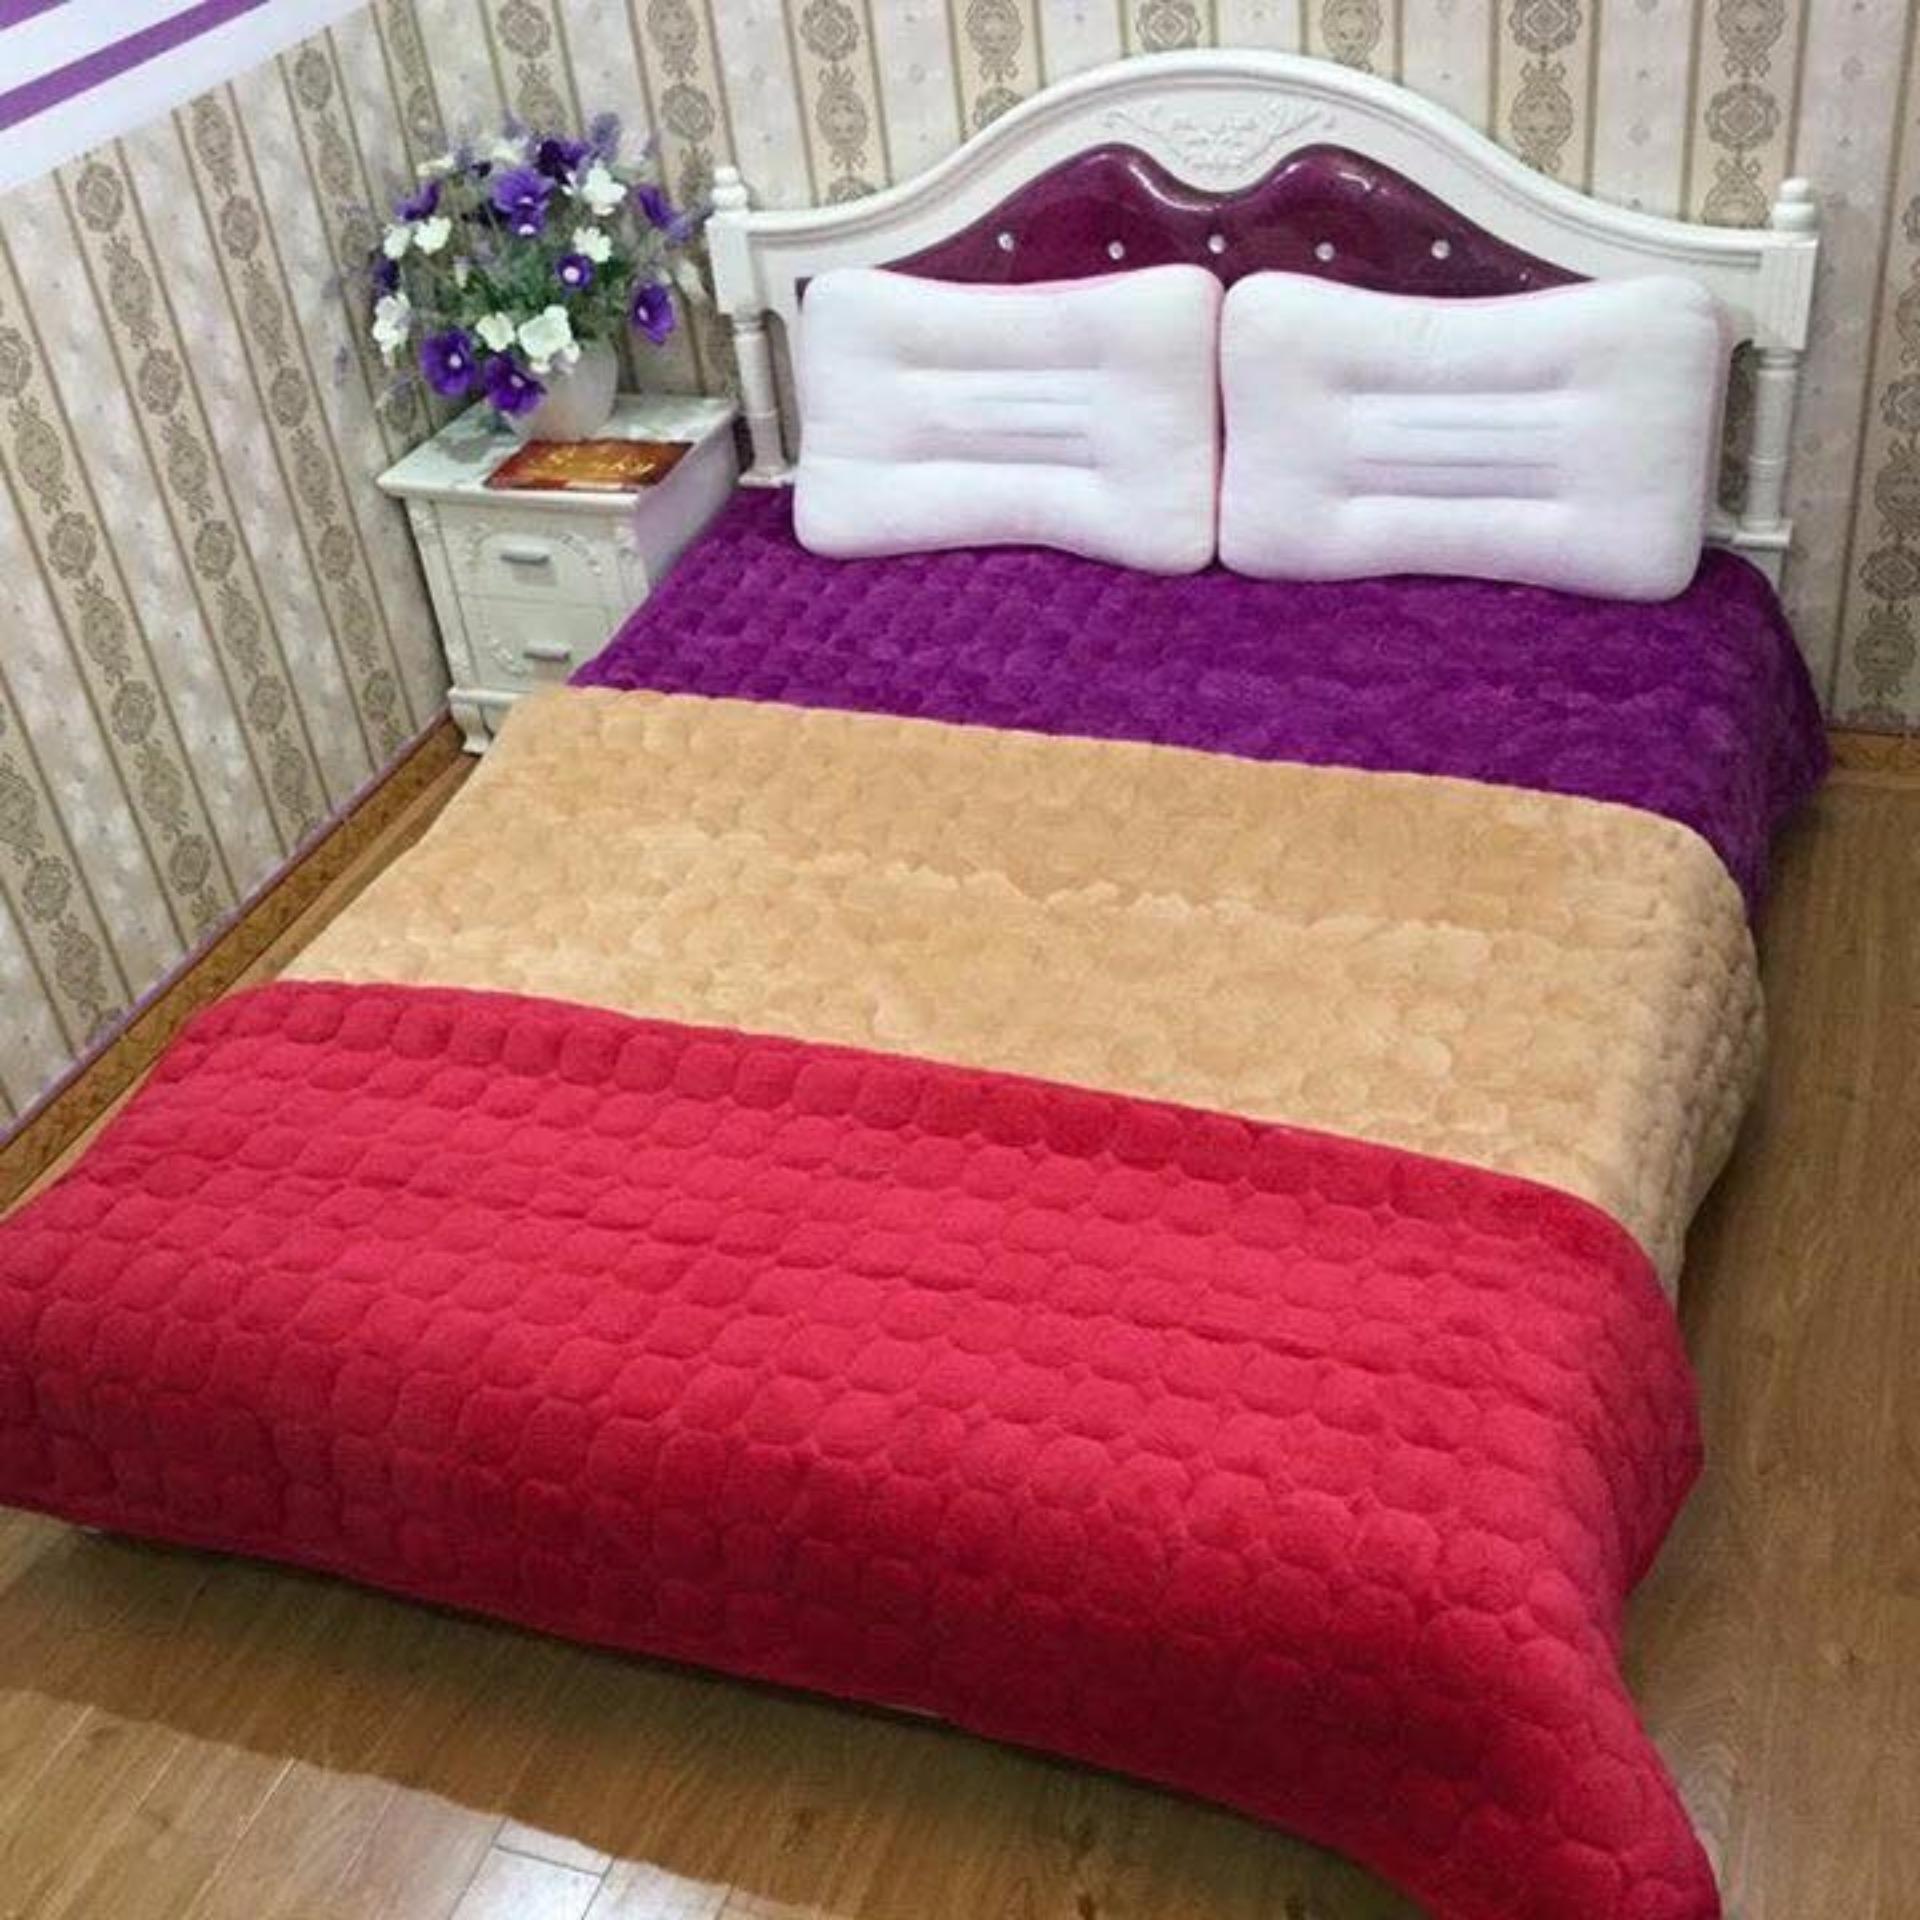 Giảm giá Thảm nhung trải giường,sàn nhà 1m8x2m (việt nam)